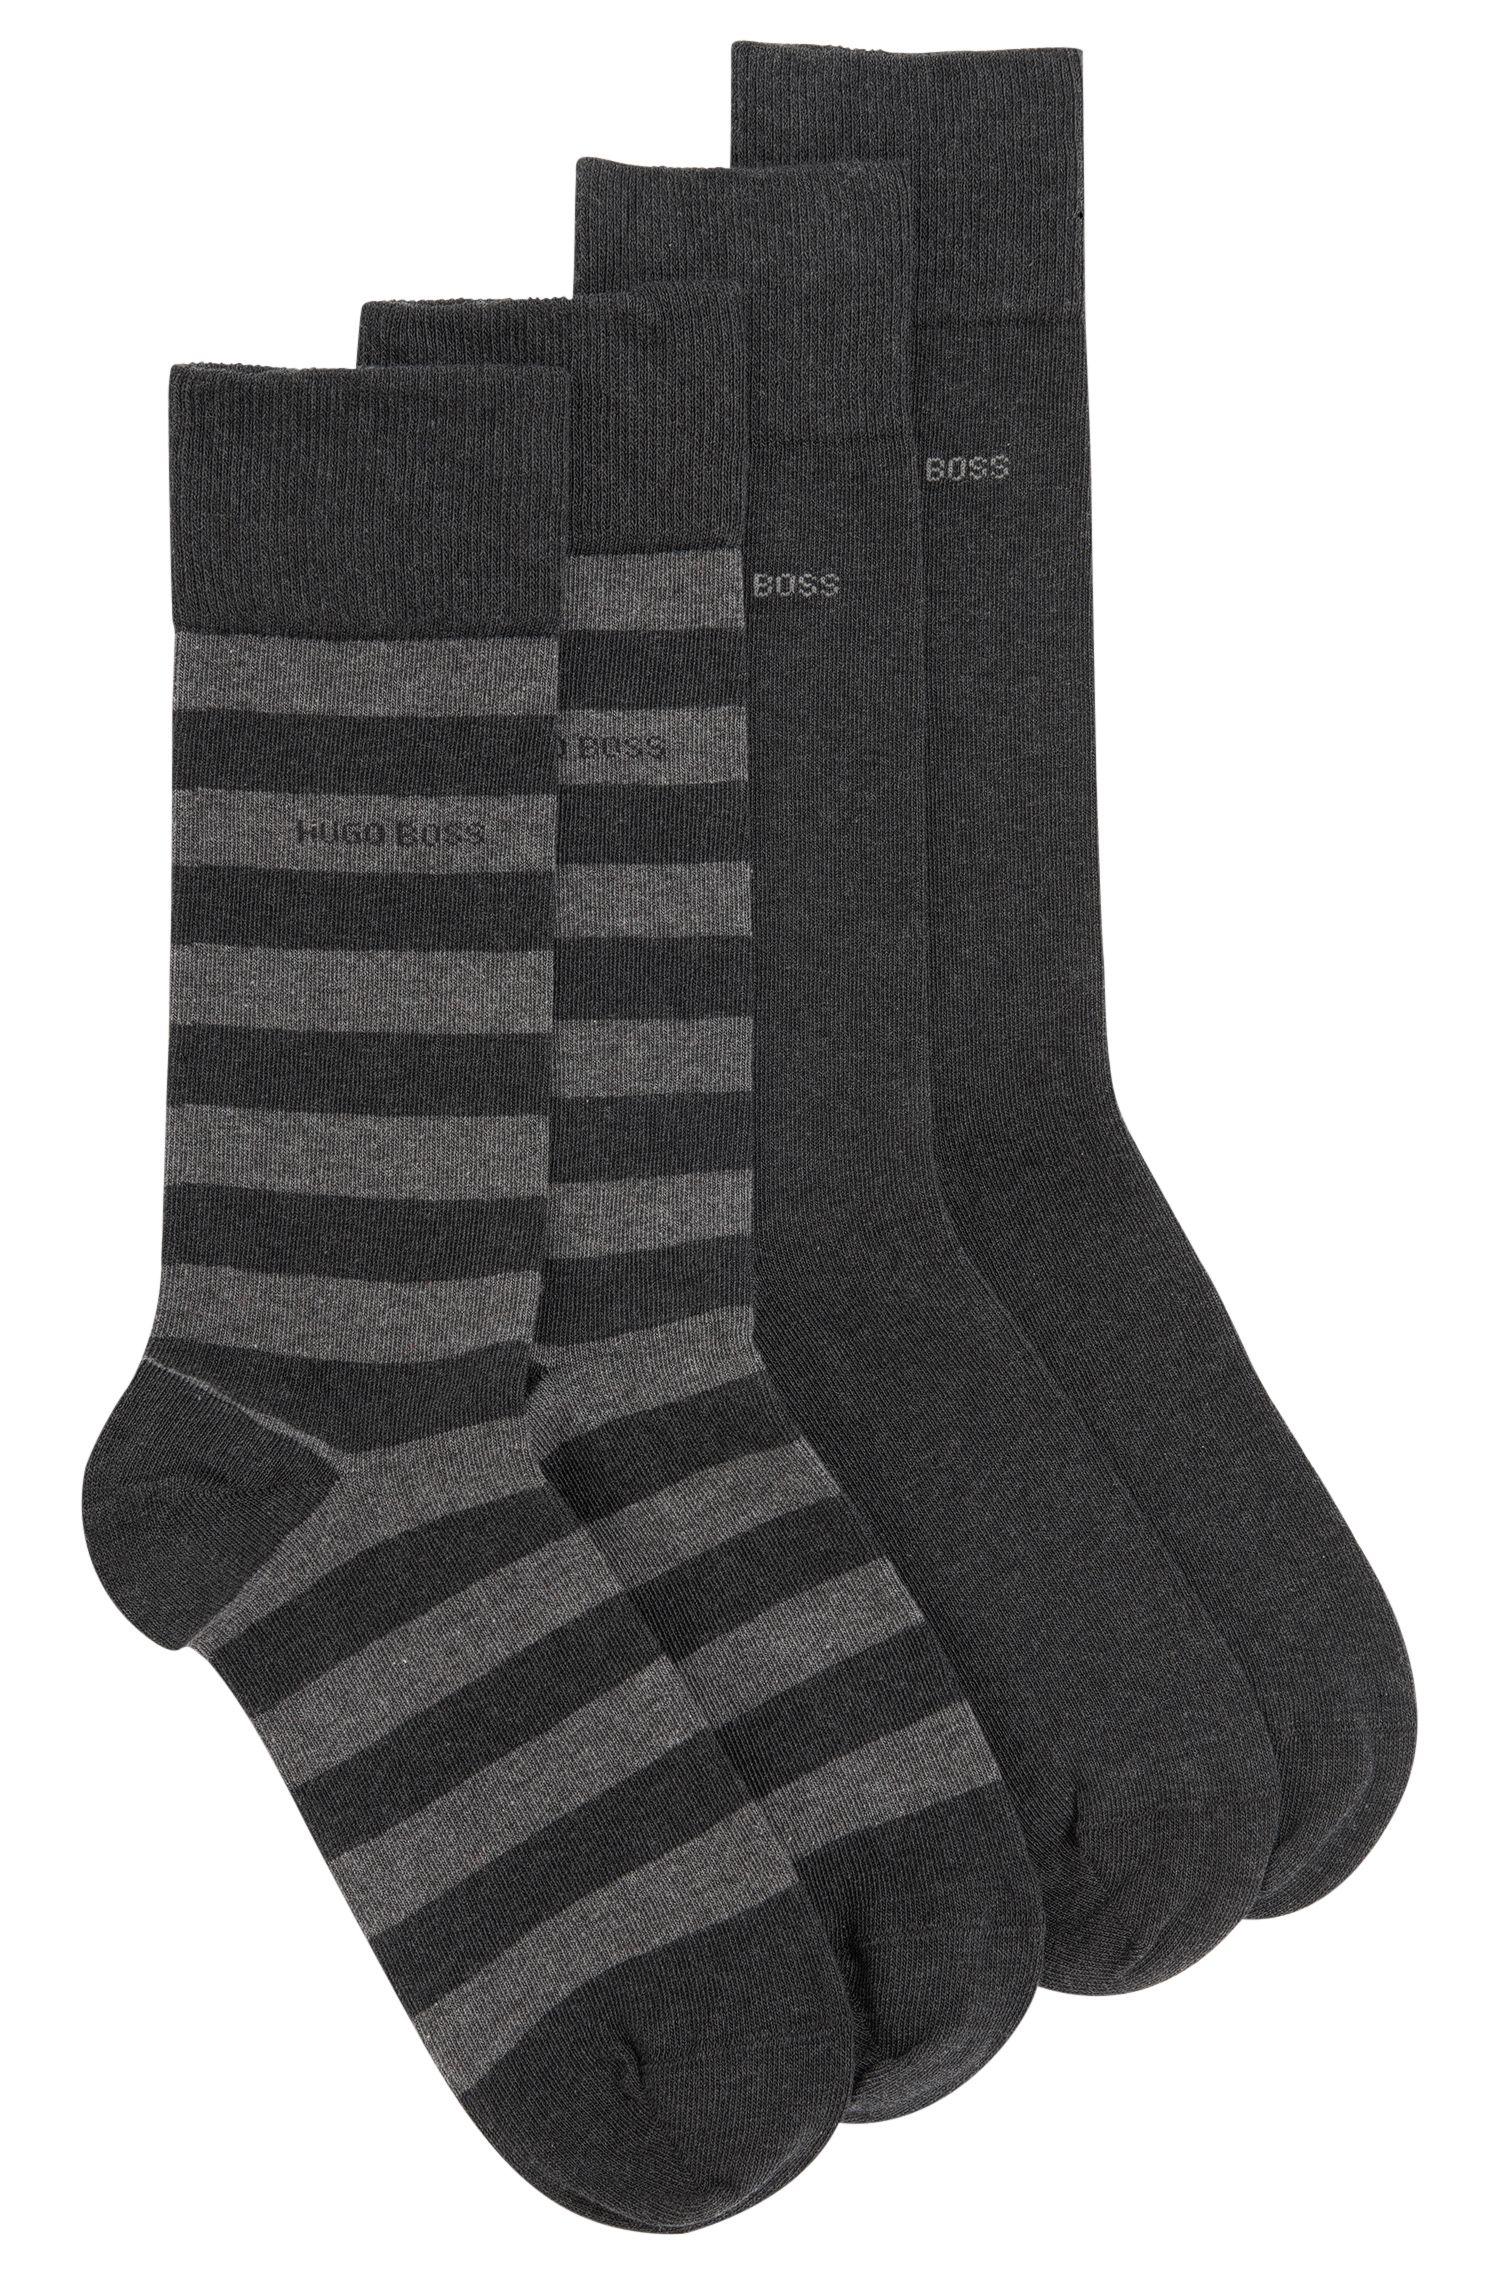 Socken aus elastischem Baumwoll-Mix im Zweier-Pack